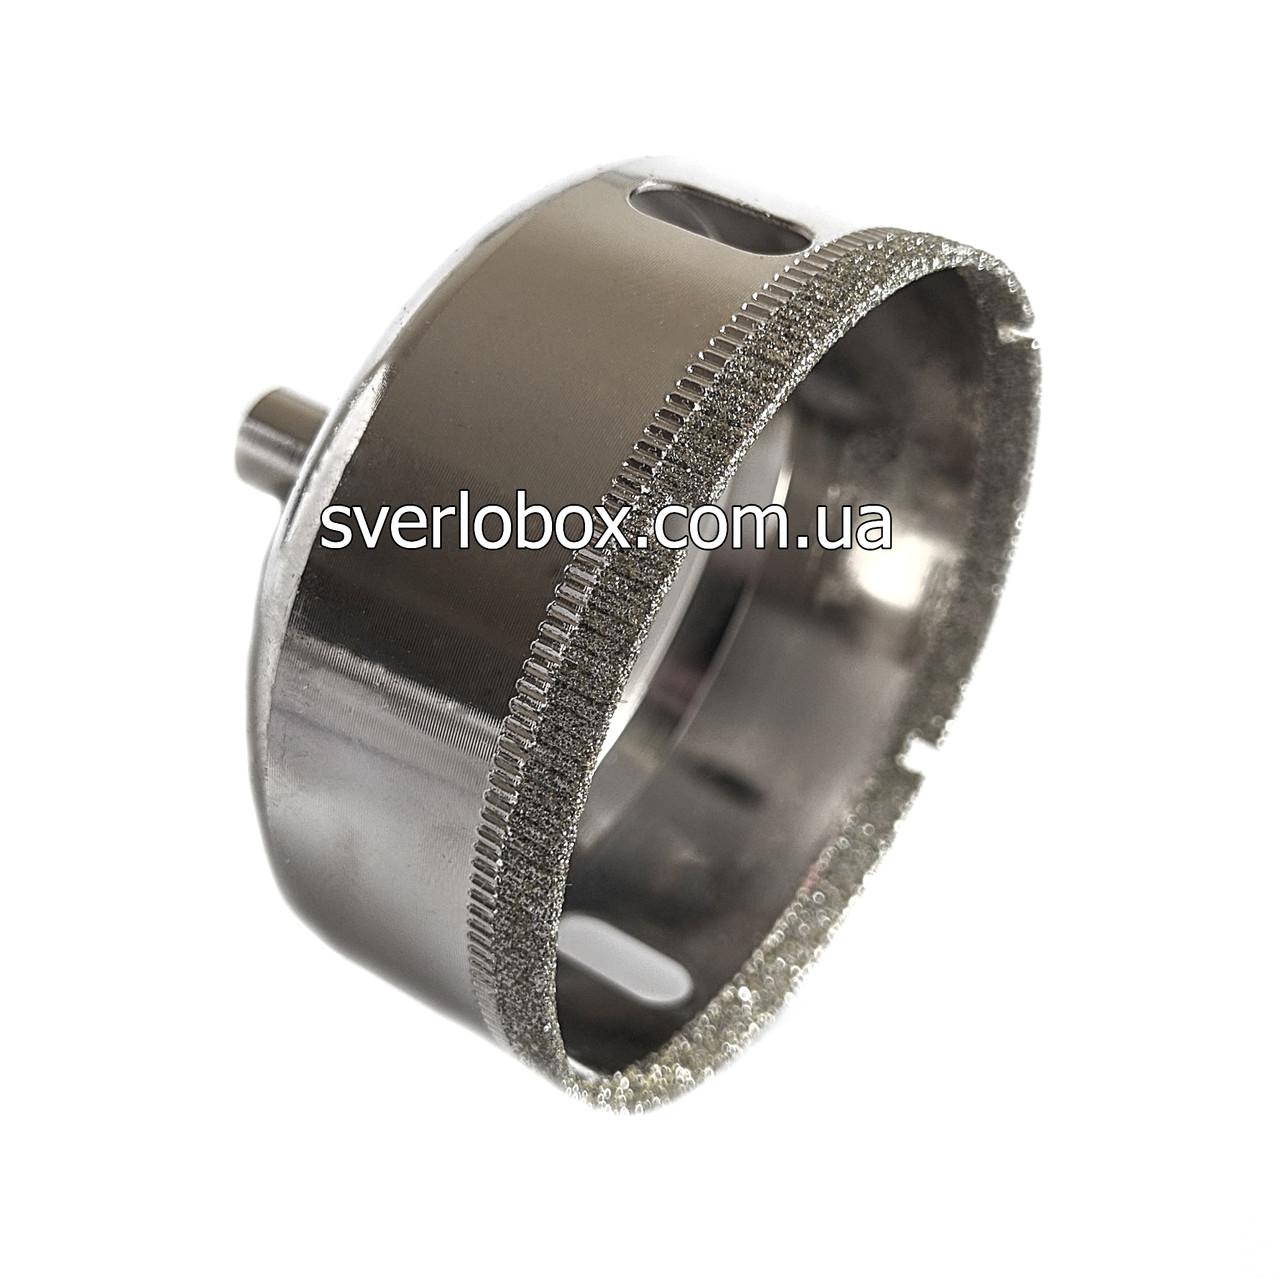 Алмазна Коронка по плитці і склу 65 мм, Коронка 65 мм з алмазним напиленням по склу та кераміці